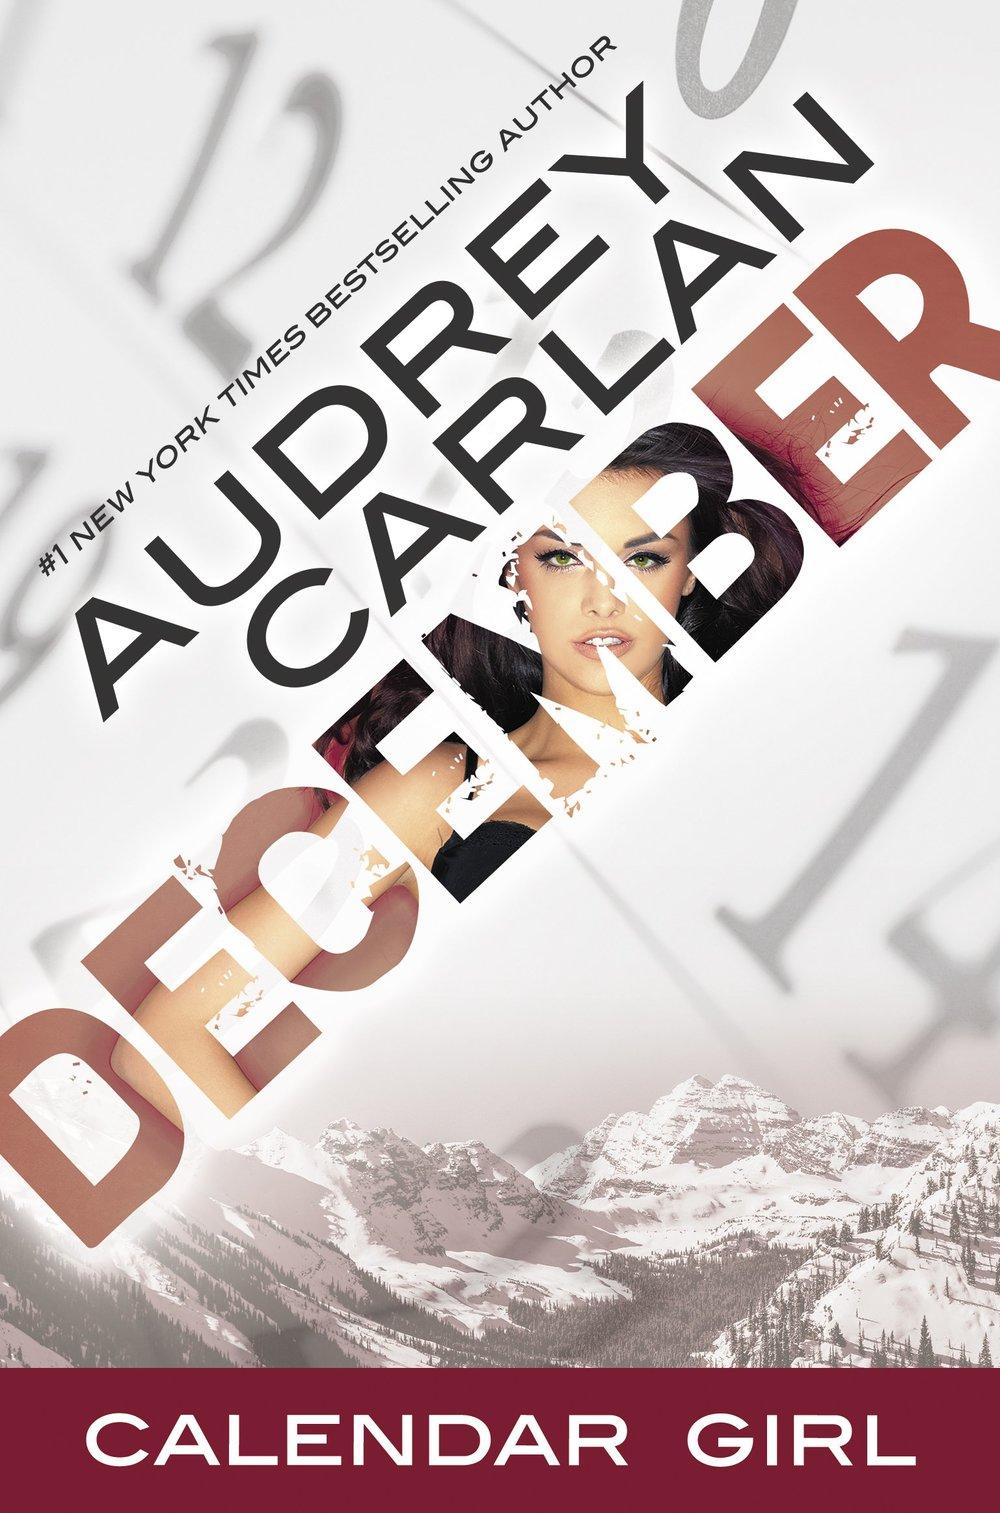 Audrey Carlan December